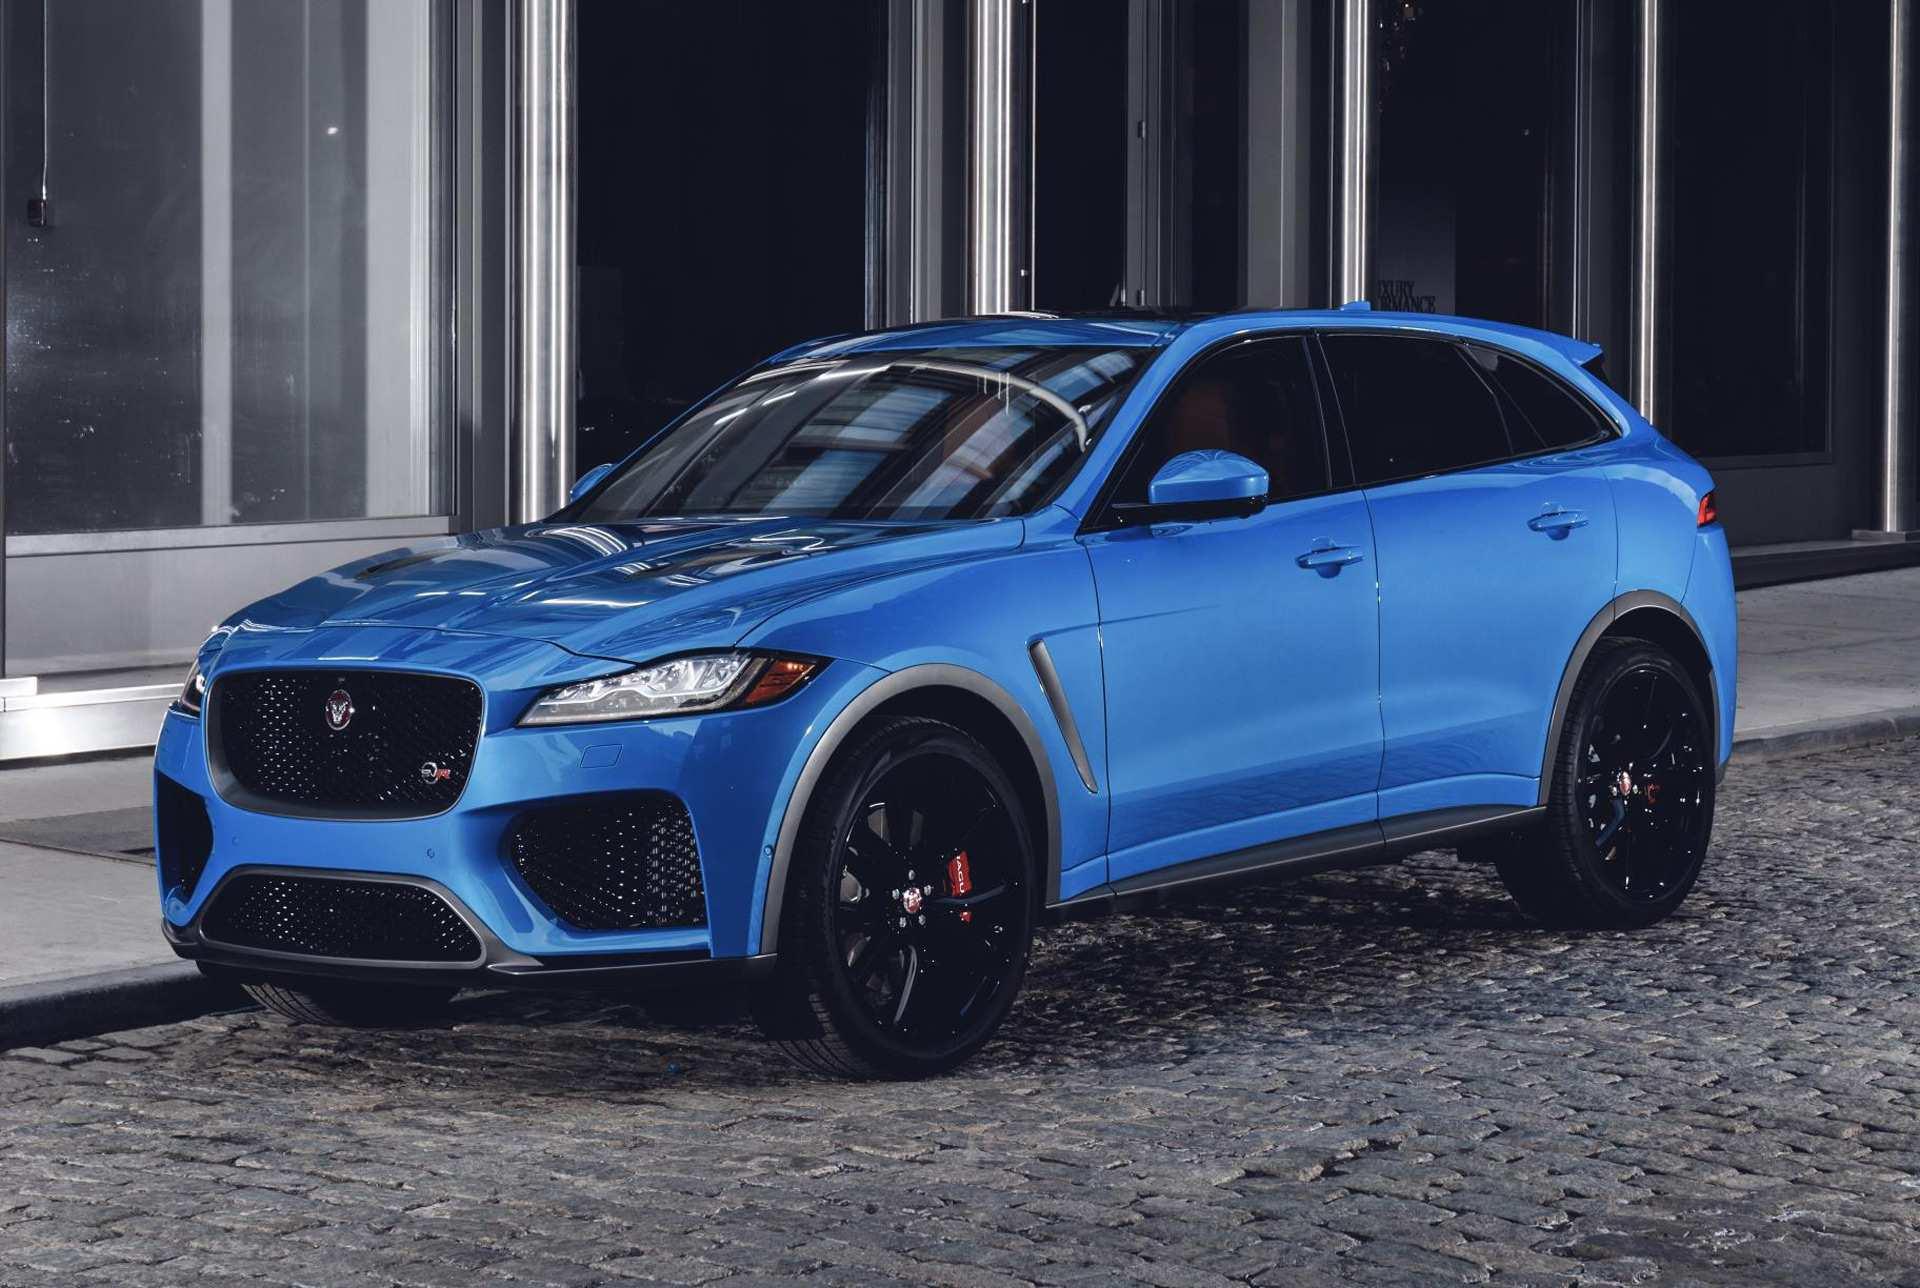 42 All New 2019 Jaguar F Pace Svr Spy Shoot by 2019 Jaguar F Pace Svr